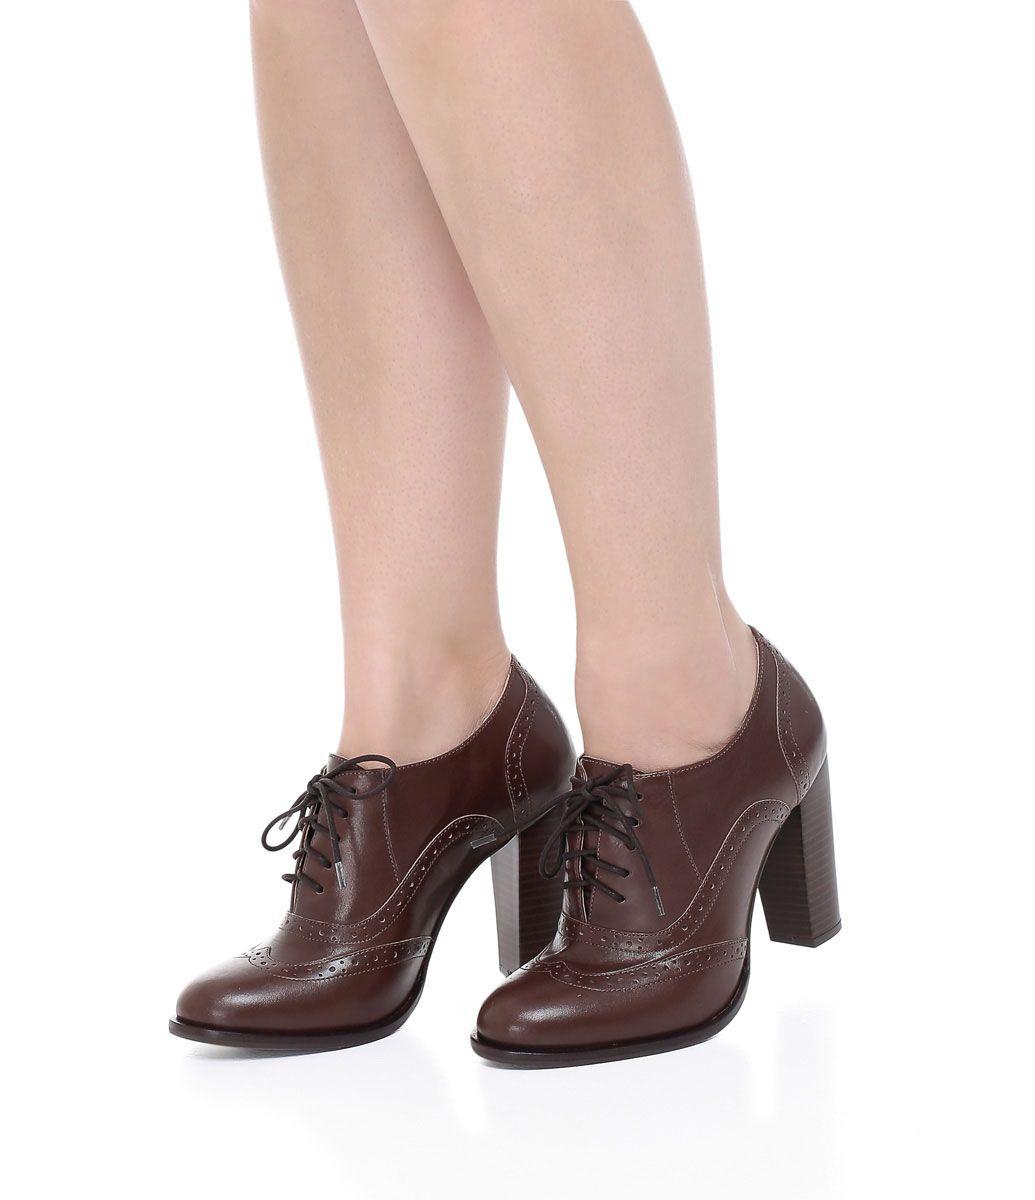 7e228cfefb3b0 Sapato feminino Material  couro Oxford Marca  Satinato Com cadarço Veja  mais opções de sapato